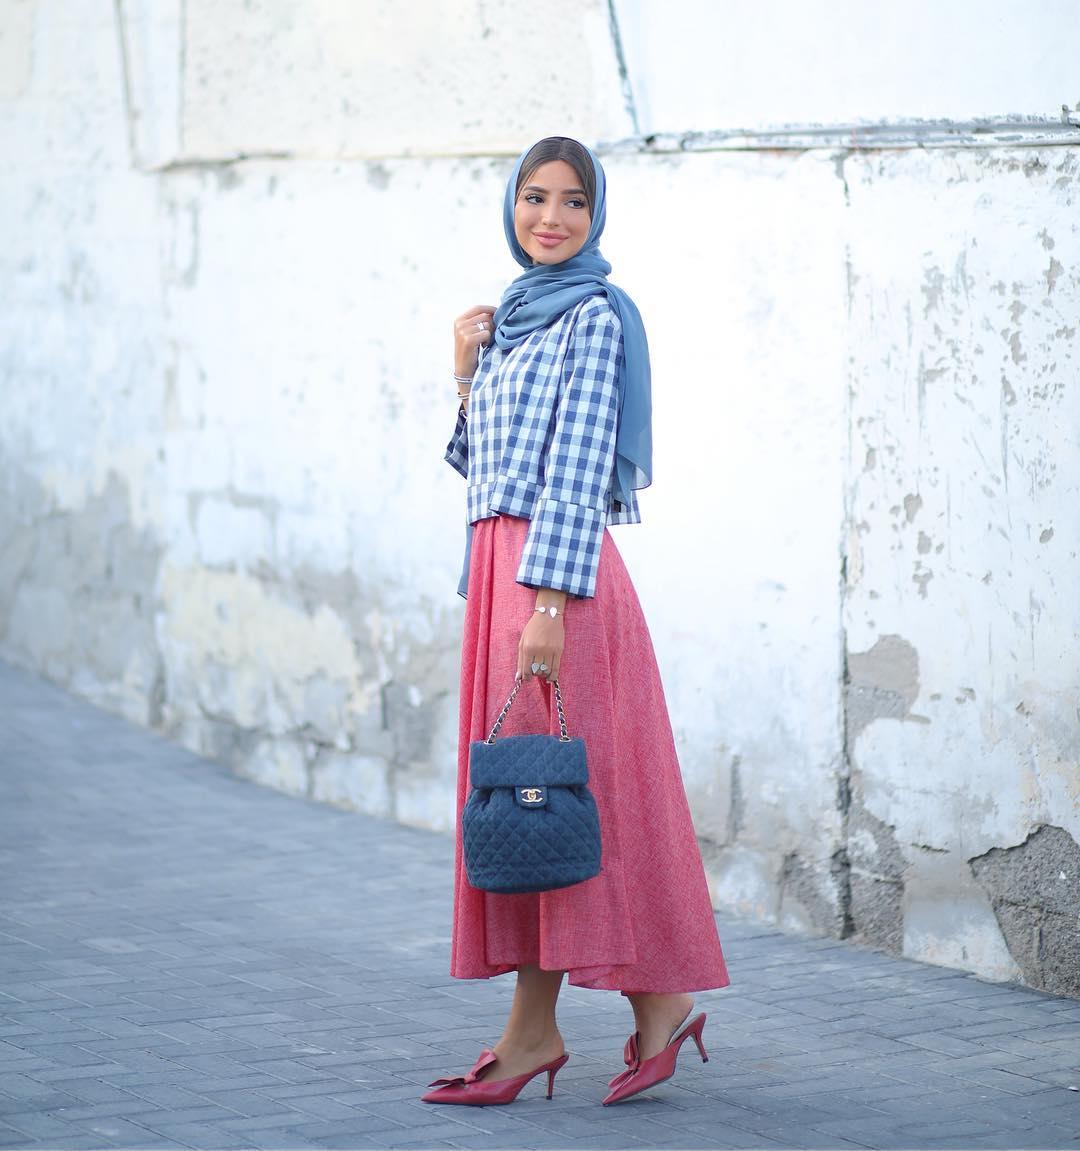 اطلالة مونوكروم  من وحي المدونة المحجبة فاطمة حسام